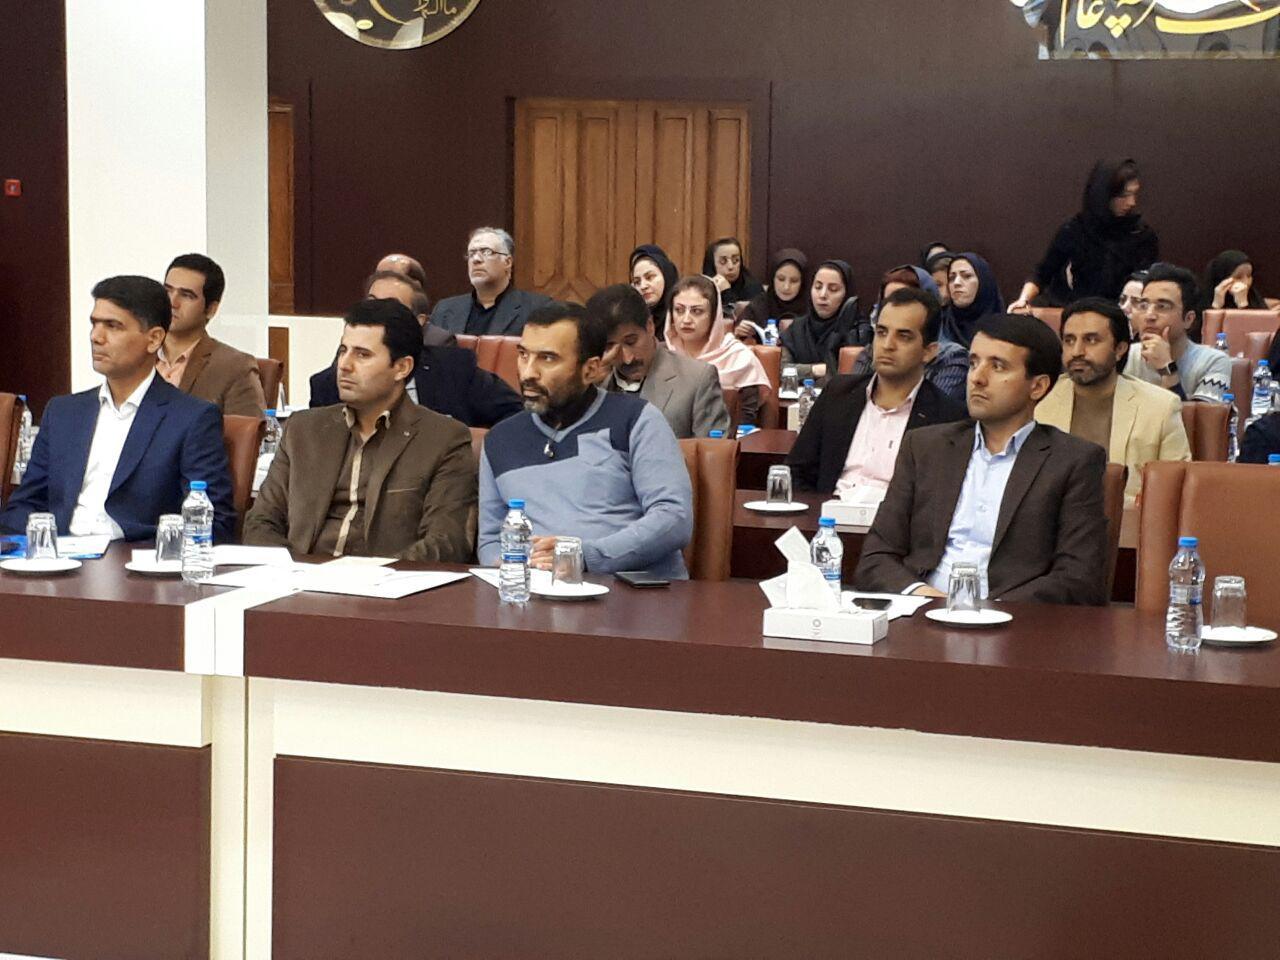 برگزاری سمینار آموزش پرستاری دستگاه های دیالیز  4008s Classic فرزنیوس در مشهد 7